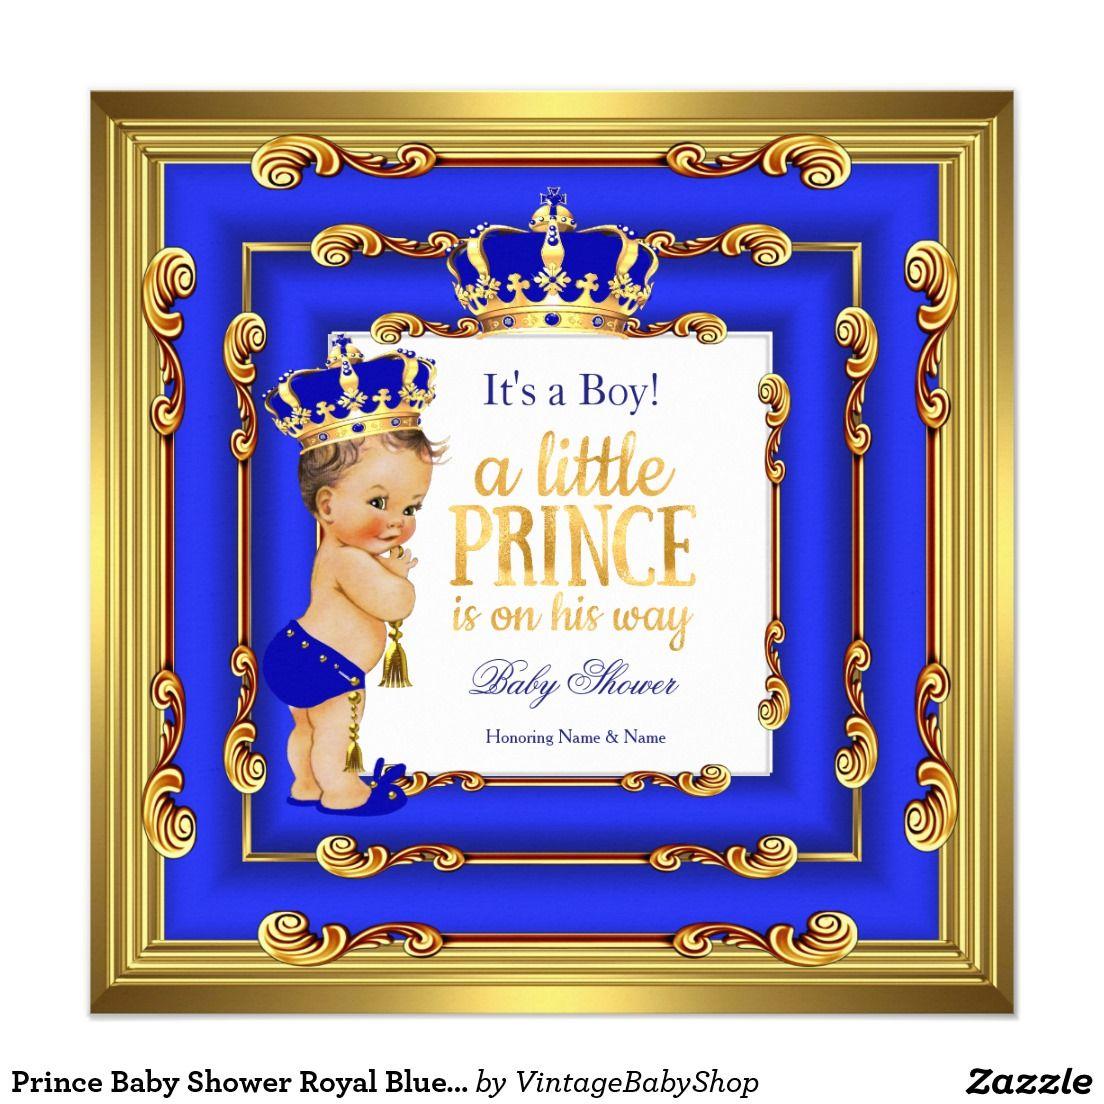 prince baby shower royal blue gold frame brunette card